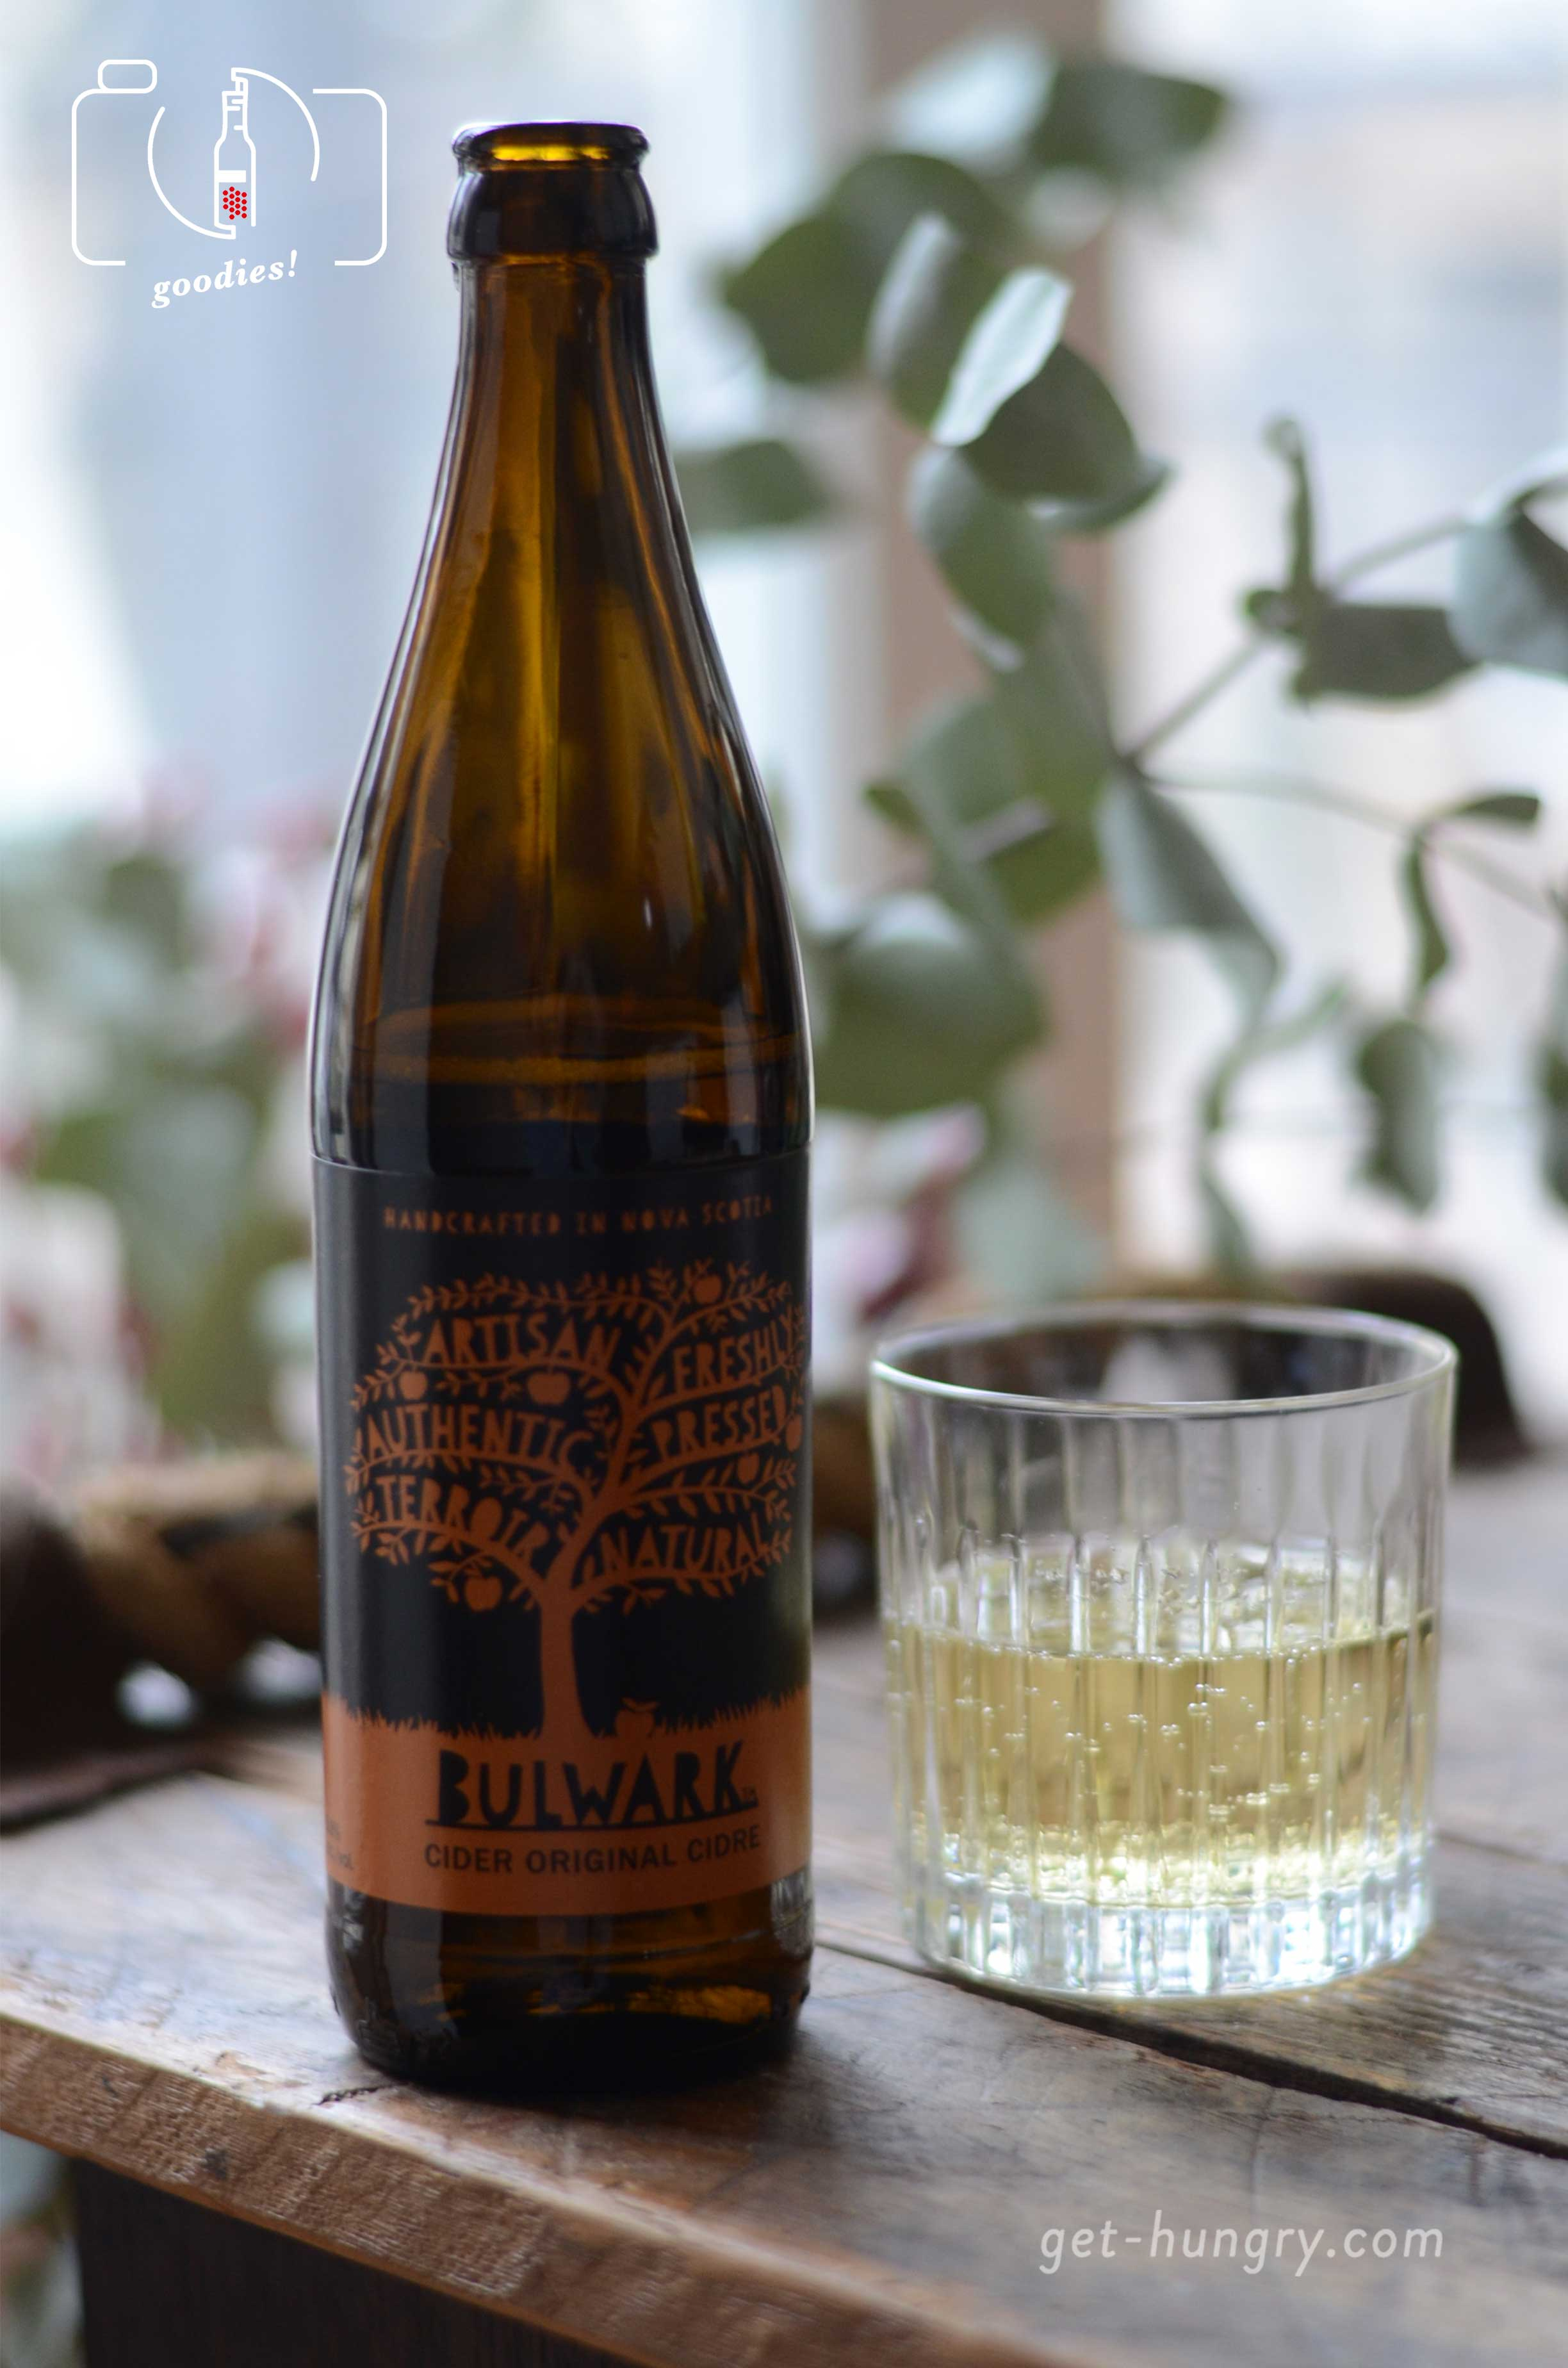 """Bulwark Cider aus """"Annapolis Valley Äpfeln"""" schmeckt durchaus anders als seine europäischen Kollegen. Aber um nichts schlechter. Schön trocken, mit fruchtigem Aroma betört aber vor allem der feine Duft von Apfelblüten, der beim Öffnen aus der Flasche strömt.  https://bulwarkcider.com/"""